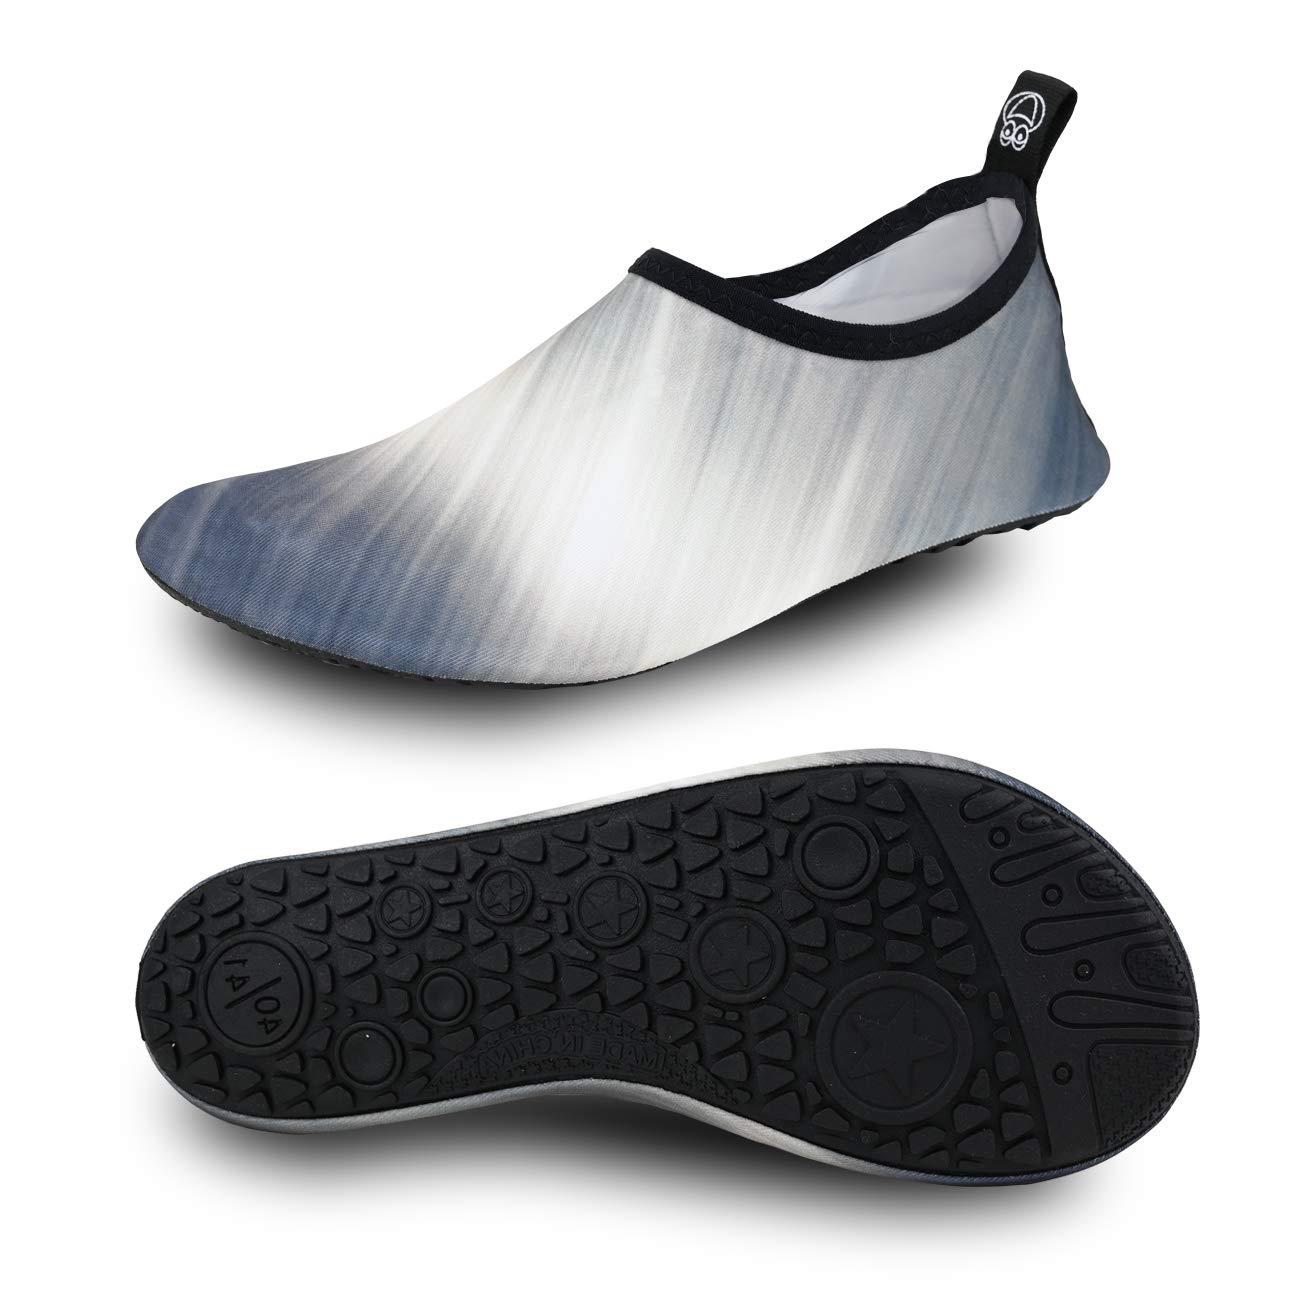 MET520 Men Women Water Shoes Quick-Dry Aqua Socks Barefoot/Slip-on for Sport Beach Swim Surf Yoga Exercise